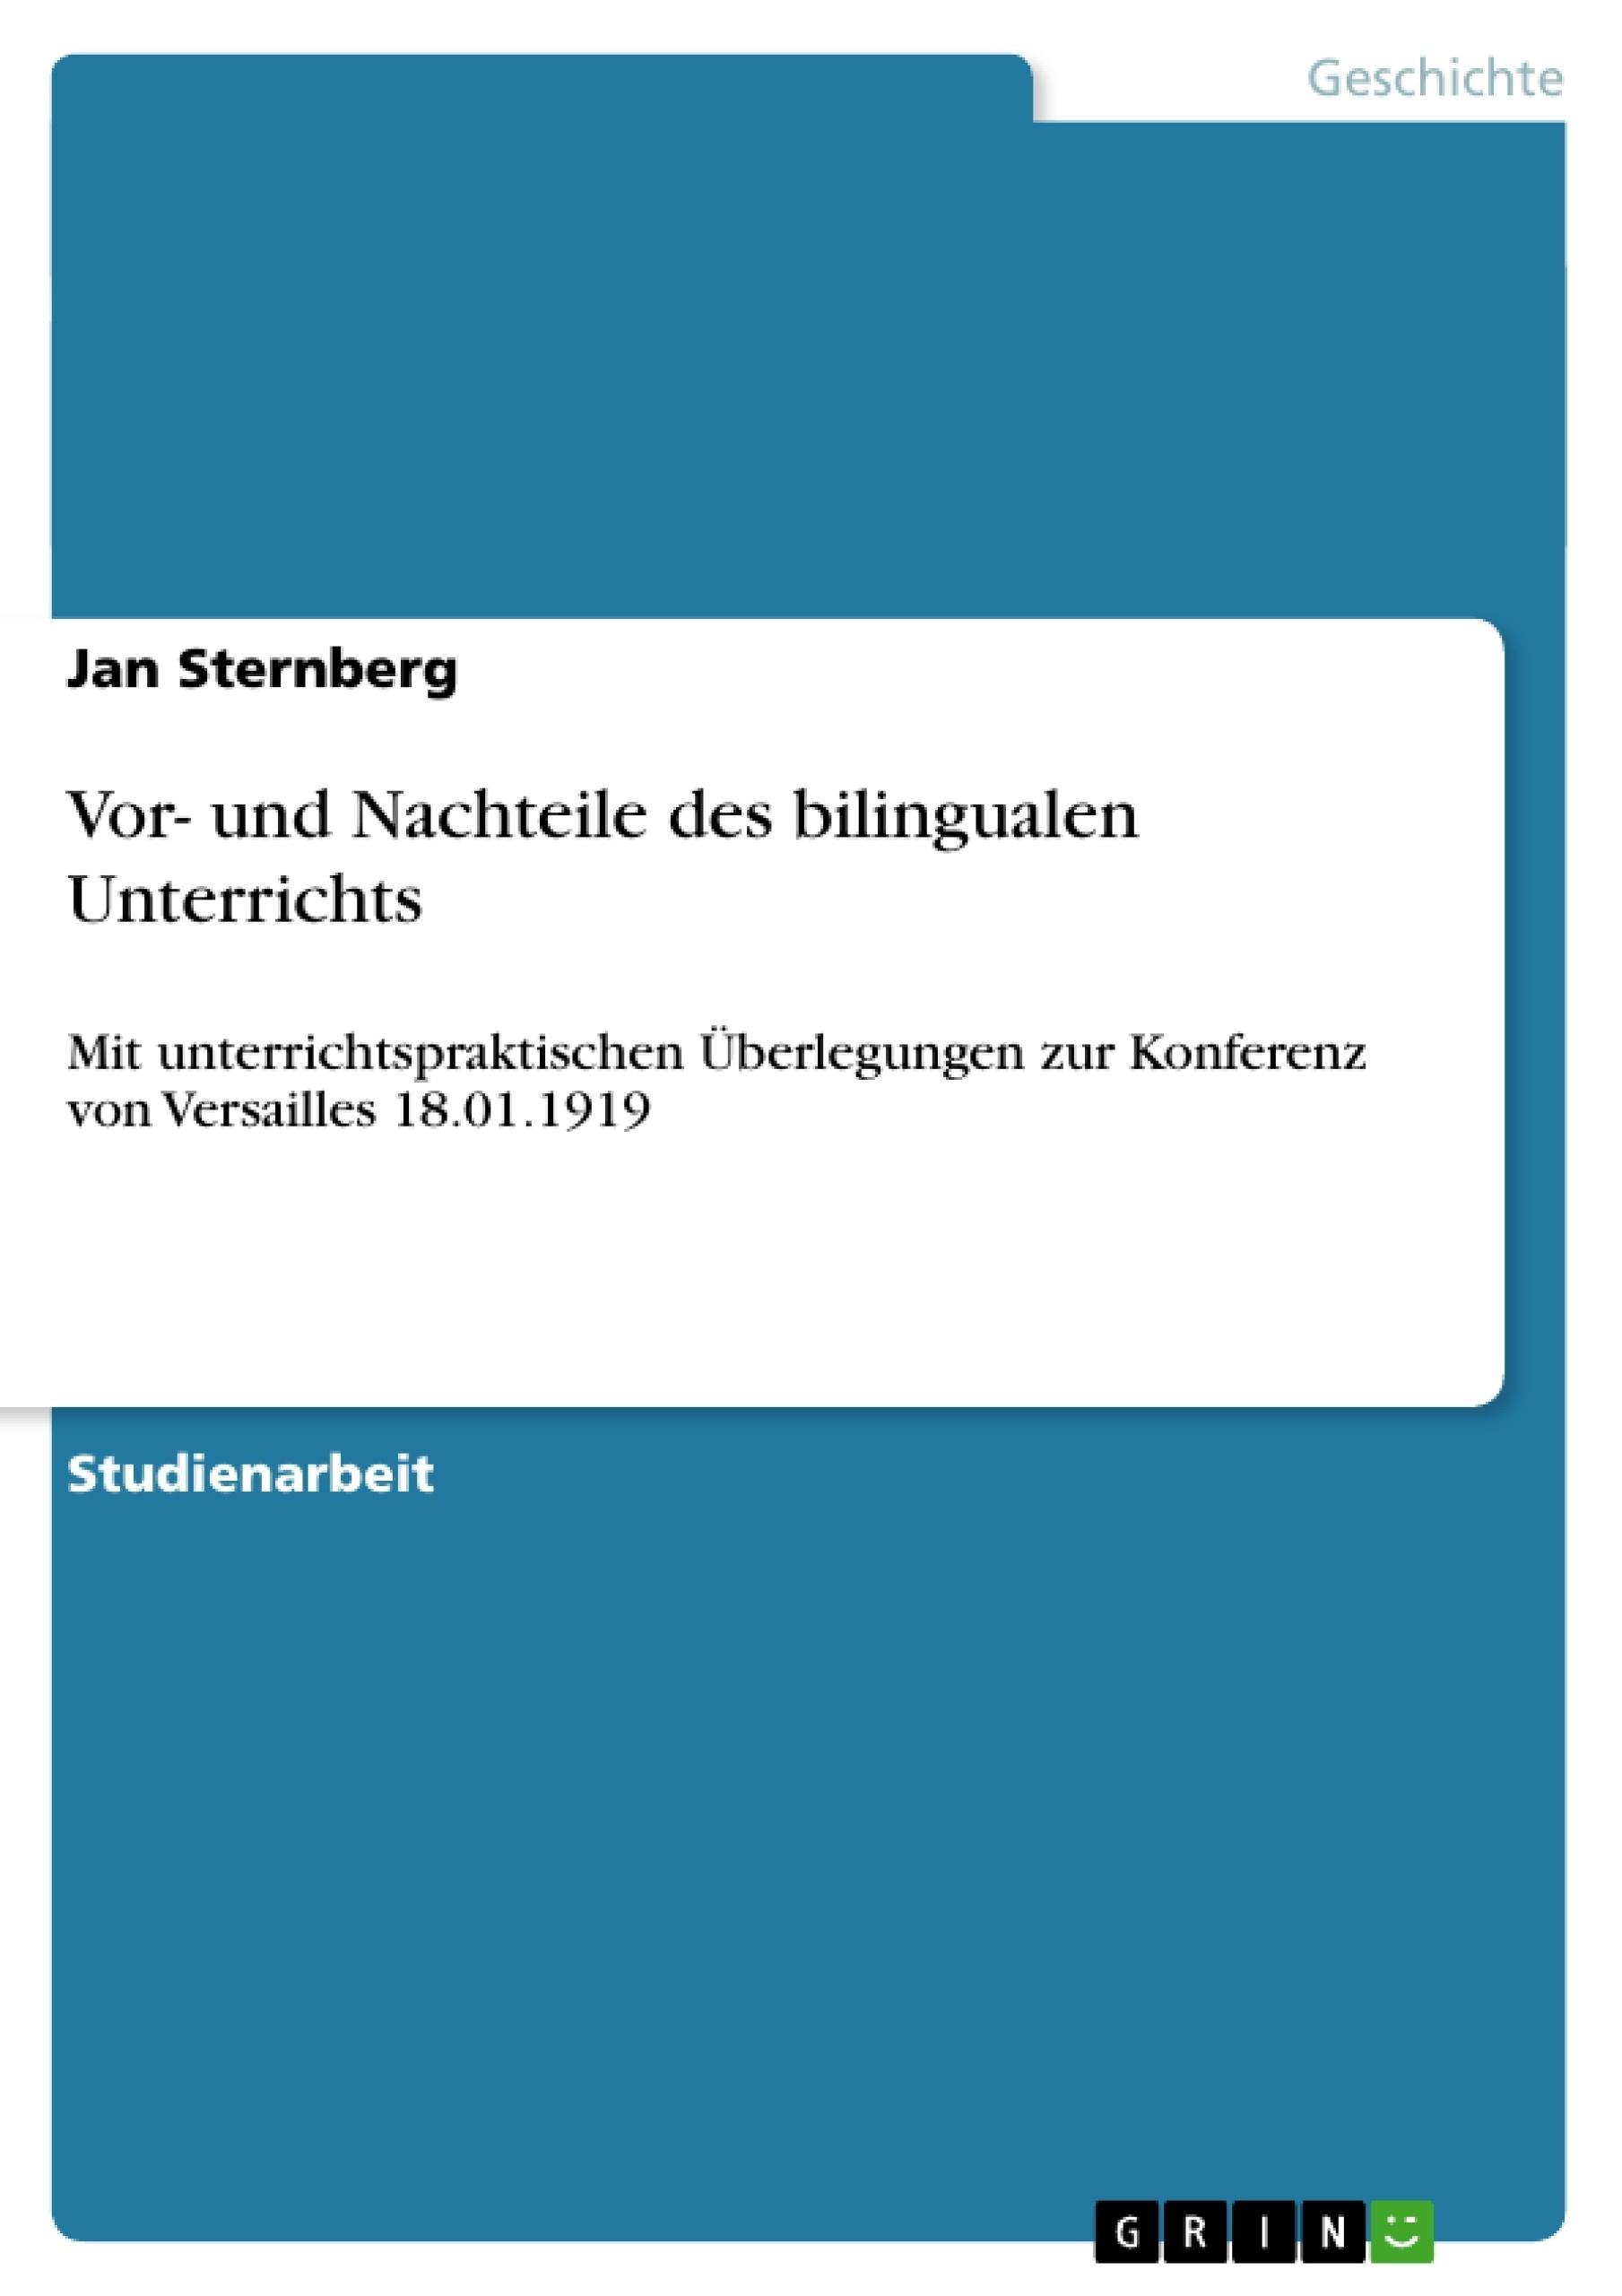 Titel: Vor- und Nachteile des bilingualen Unterrichts